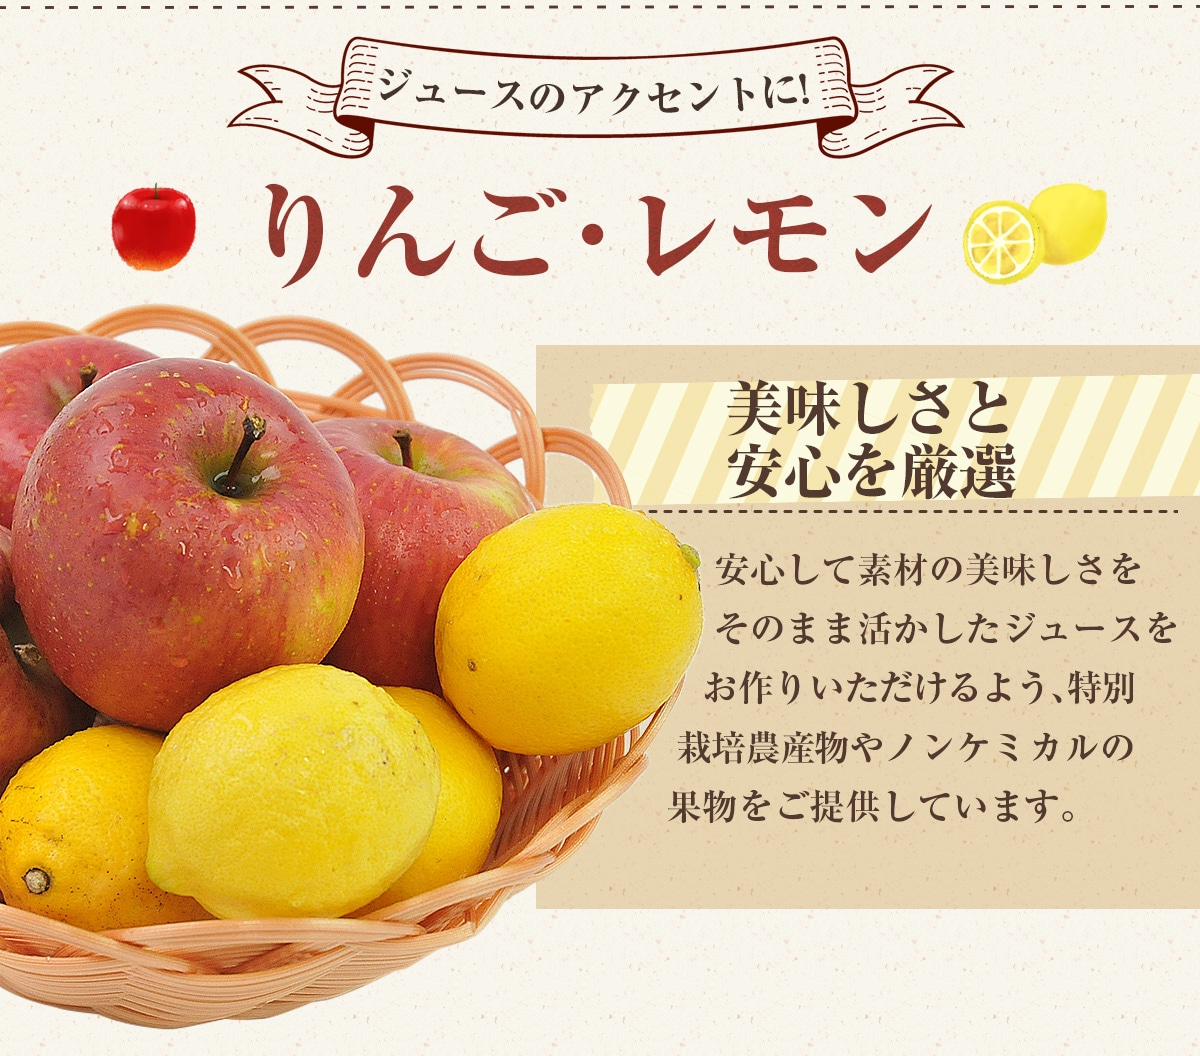 ジュースのアクセントにりんご・レモン